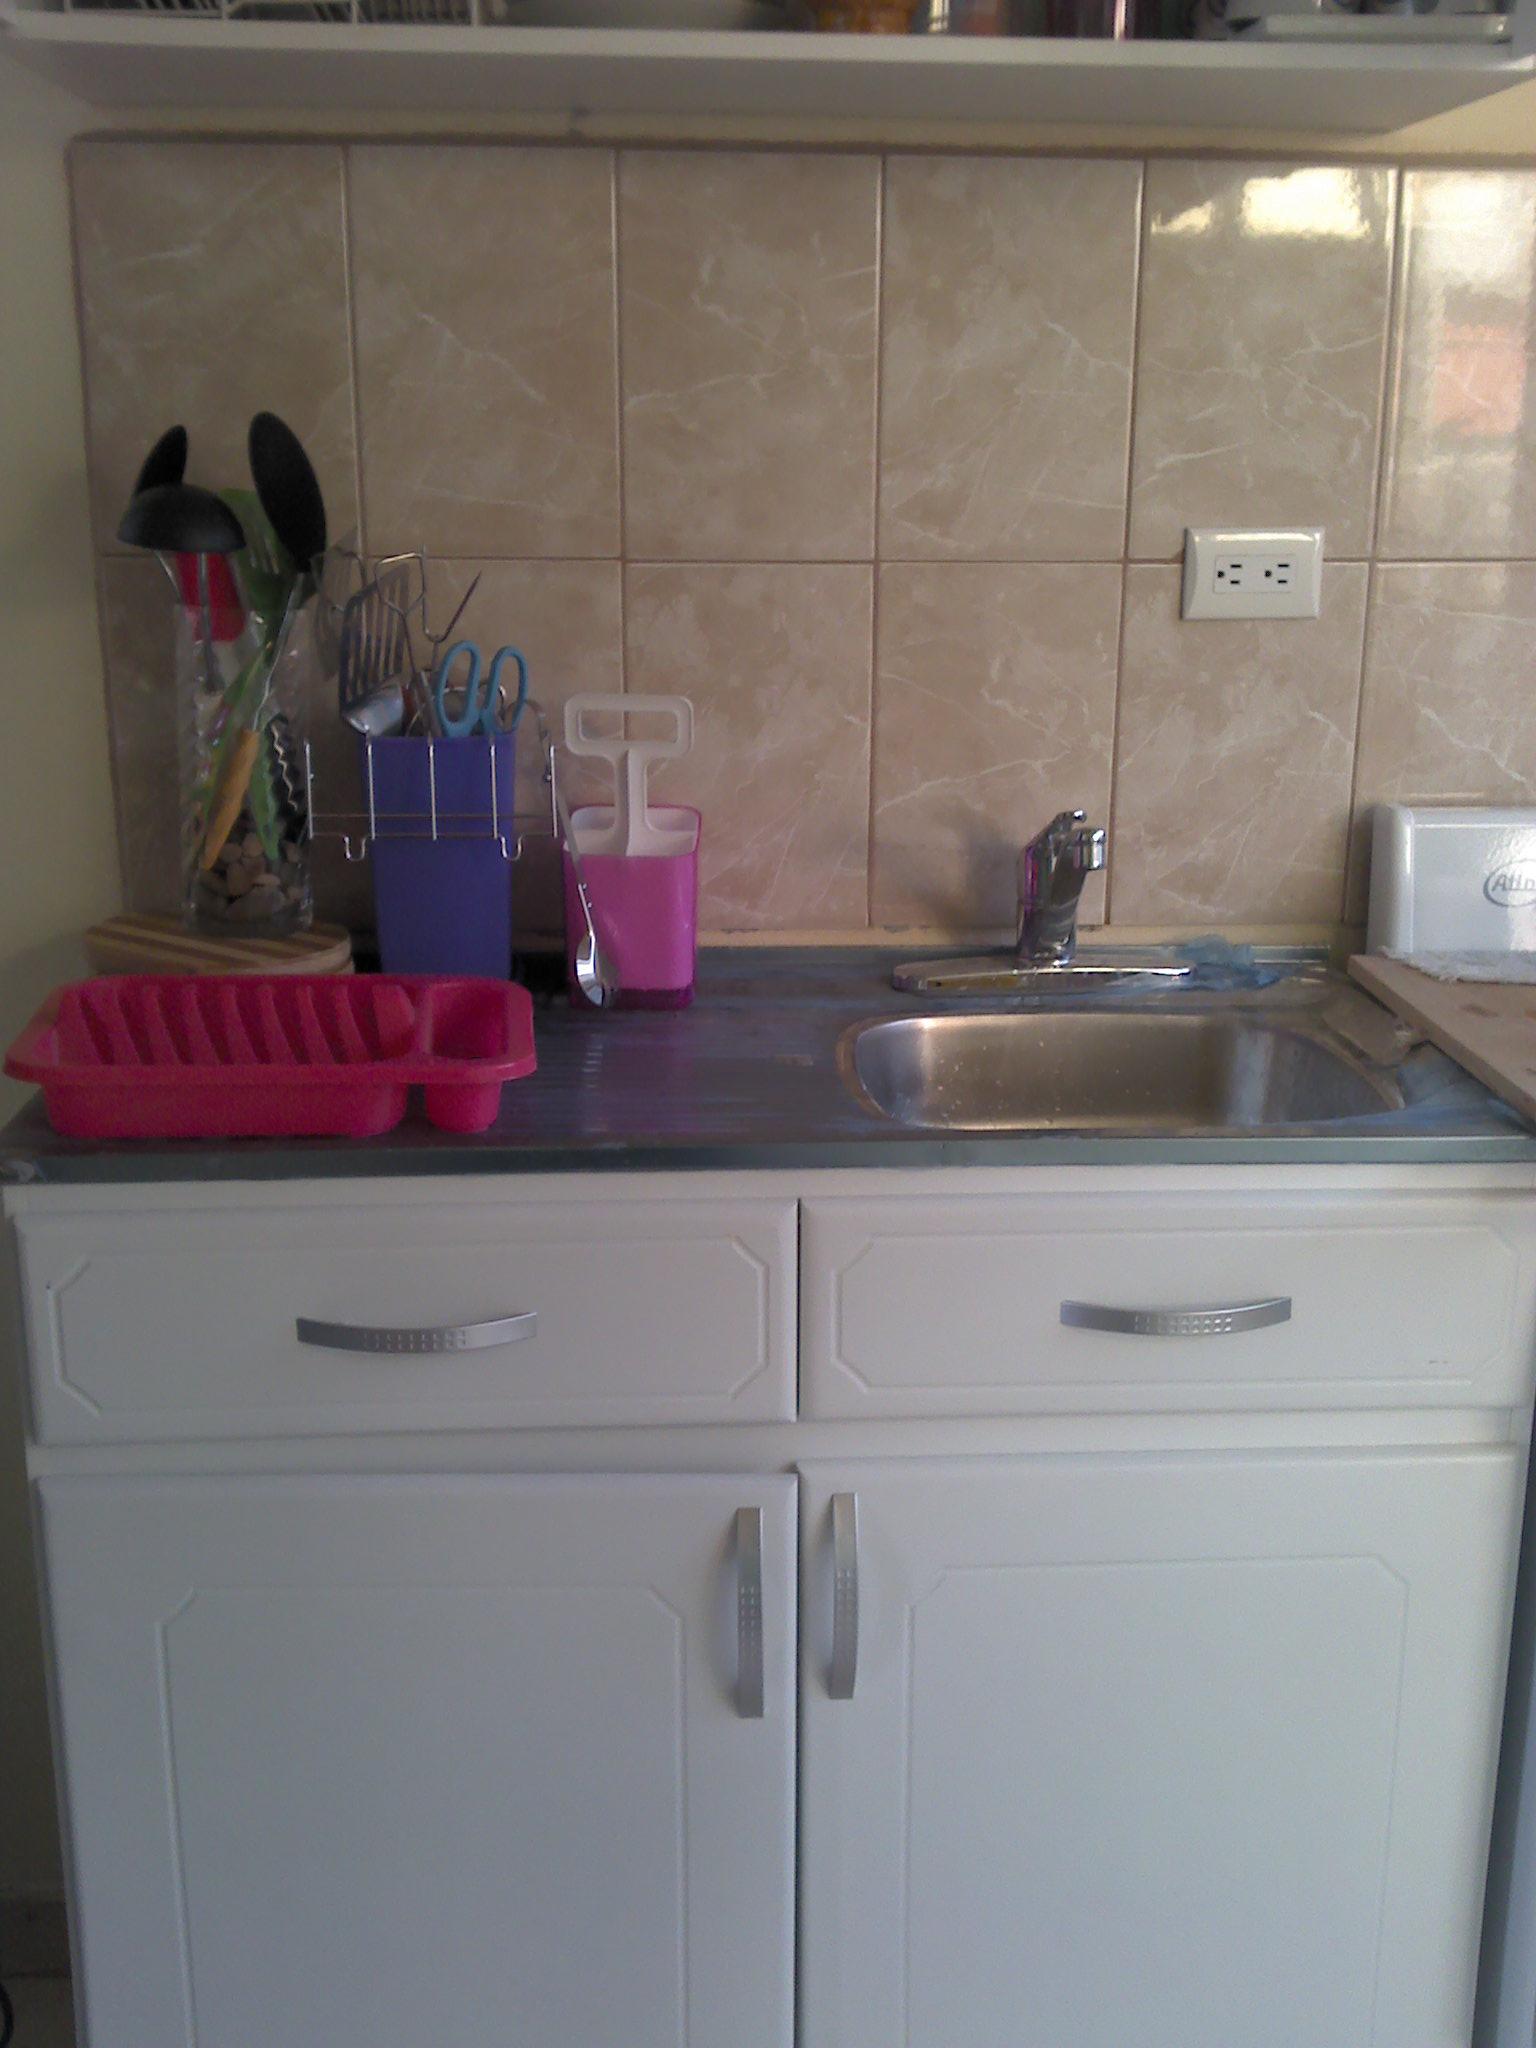 Organizaci n profesional fregadero mueble de cocina mi for Mueble fregadero cocina